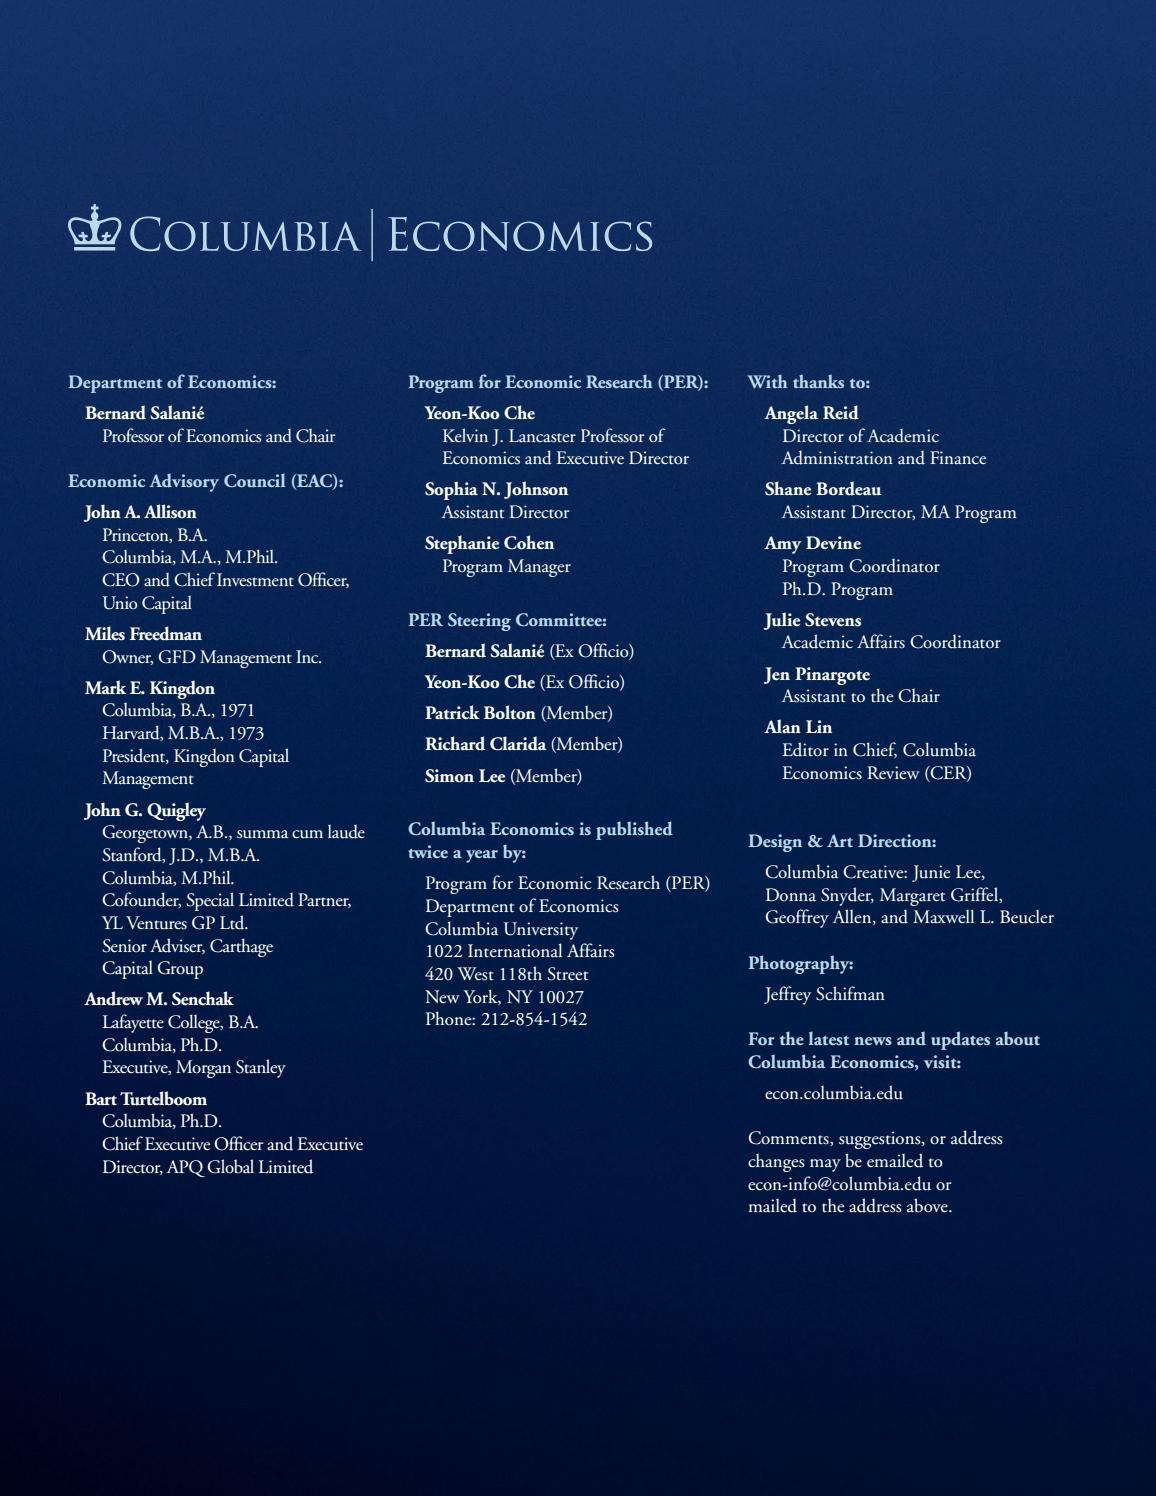 Columbia | Economics Magazine, Spring 2018 by